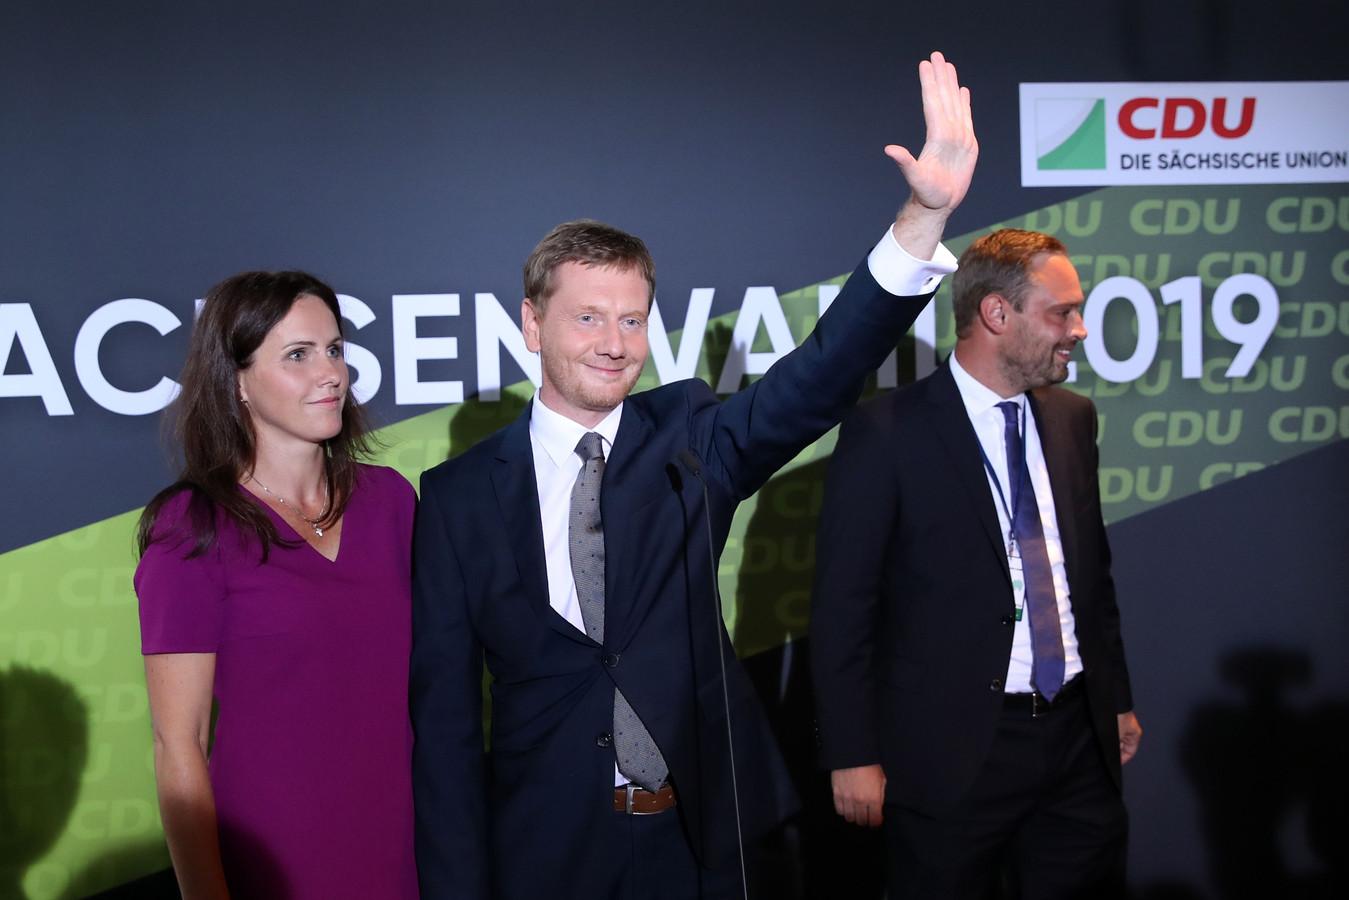 Michael Kretschmer (R), deelstaatpremier van Sachsen en topkandidaat van de CDU van Angela Merkel, met zijn echtgenote op het podium in Dresden na de bekendmaking van de exit polls.